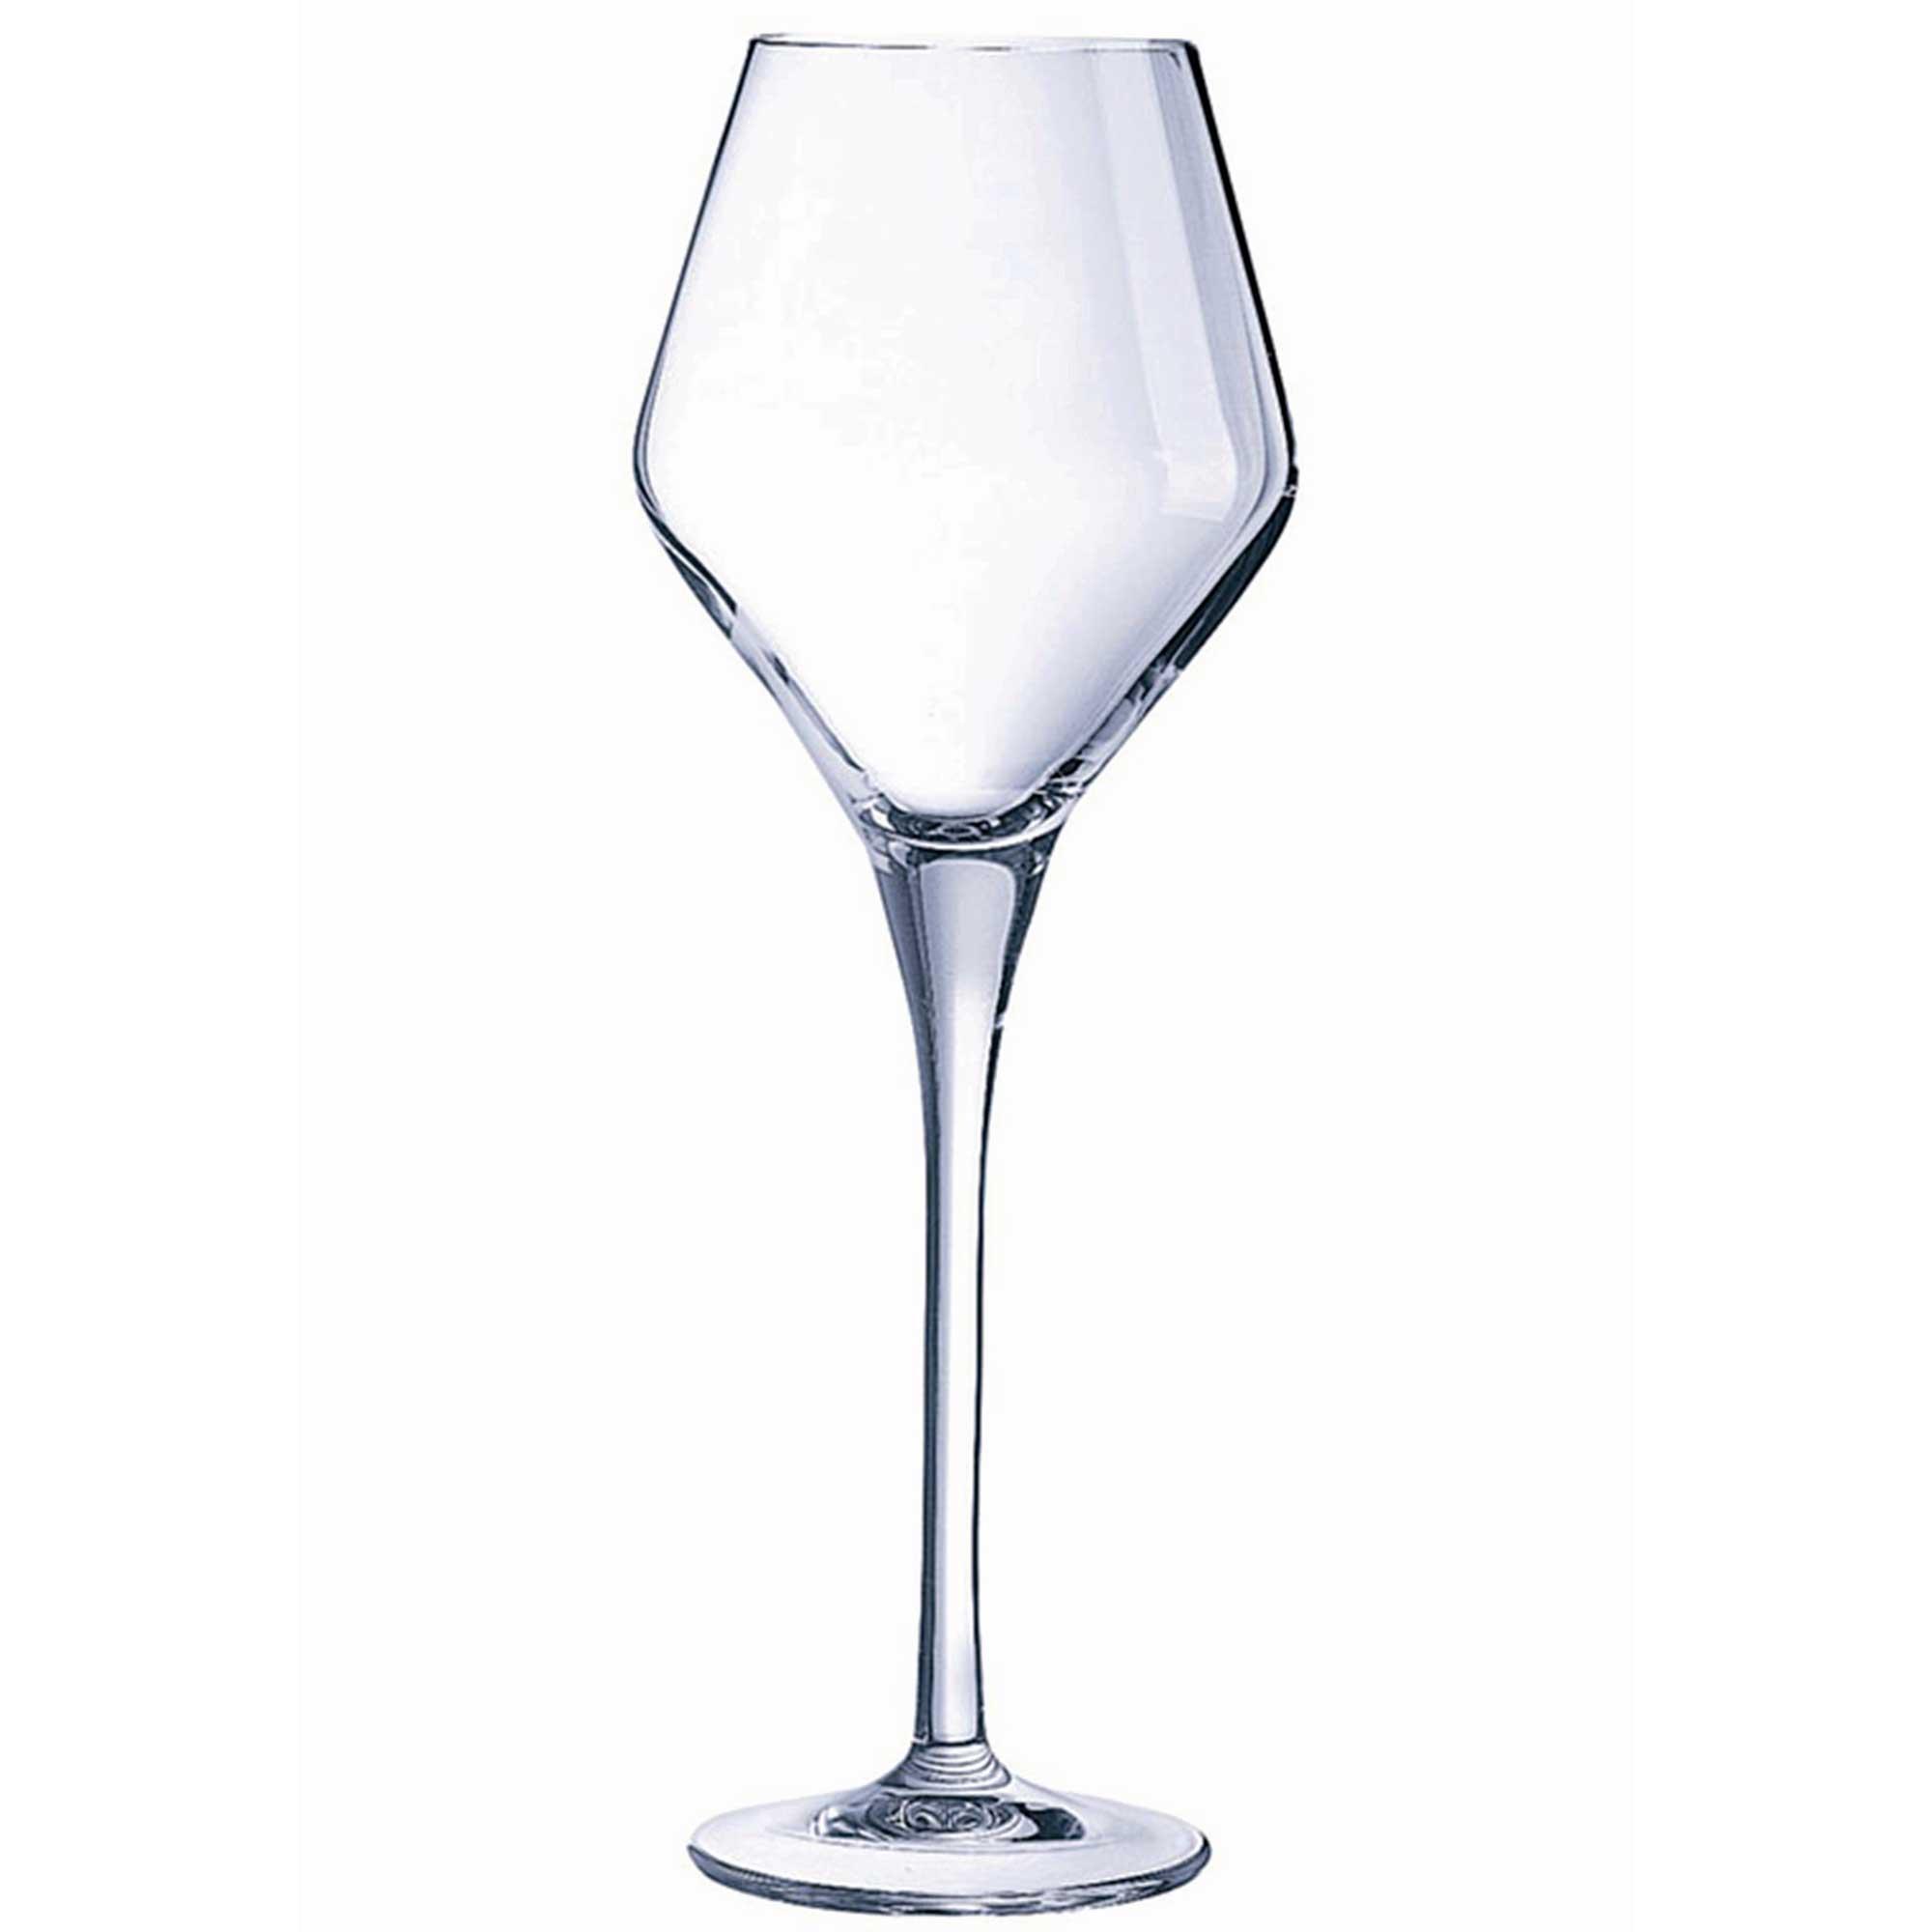 cristal d 39 arques 6 verres vin ose 30 cl comparer. Black Bedroom Furniture Sets. Home Design Ideas